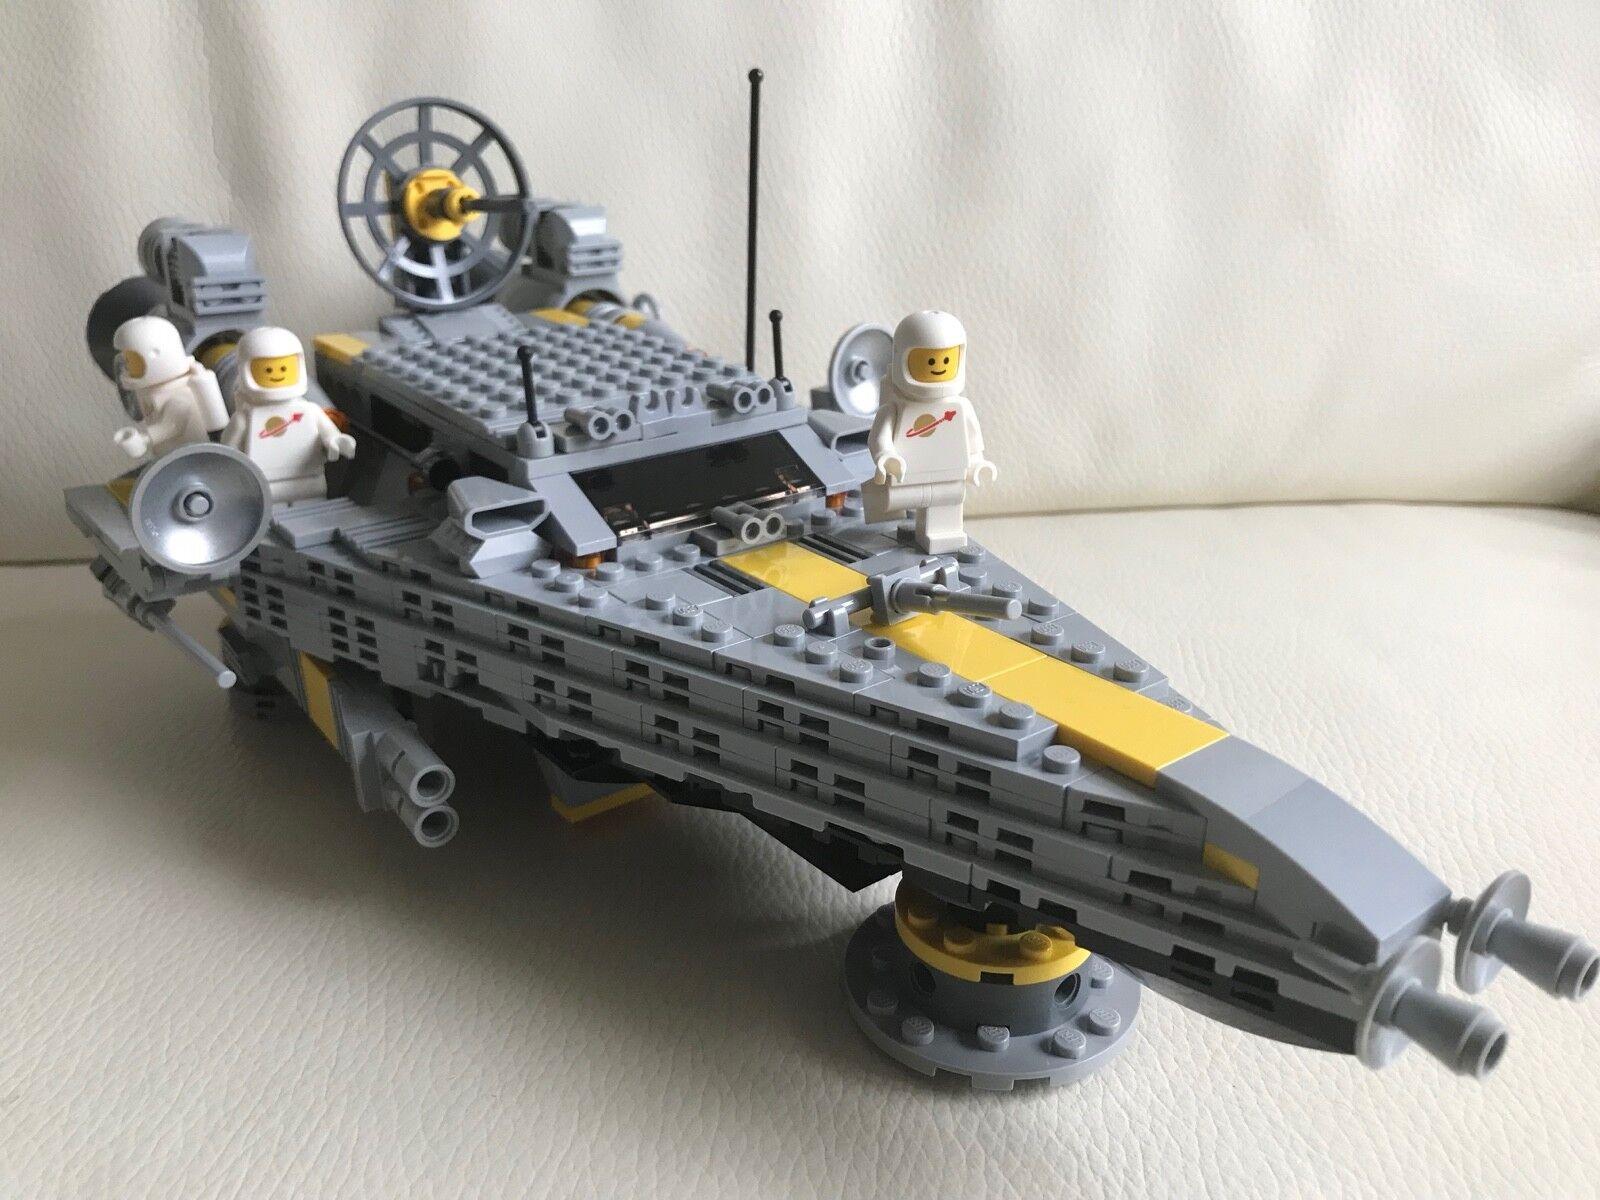 LEGO SPACE - CRUISER SPACESHIP - my design + 3 CLASSIC Weiß SPACEMEN